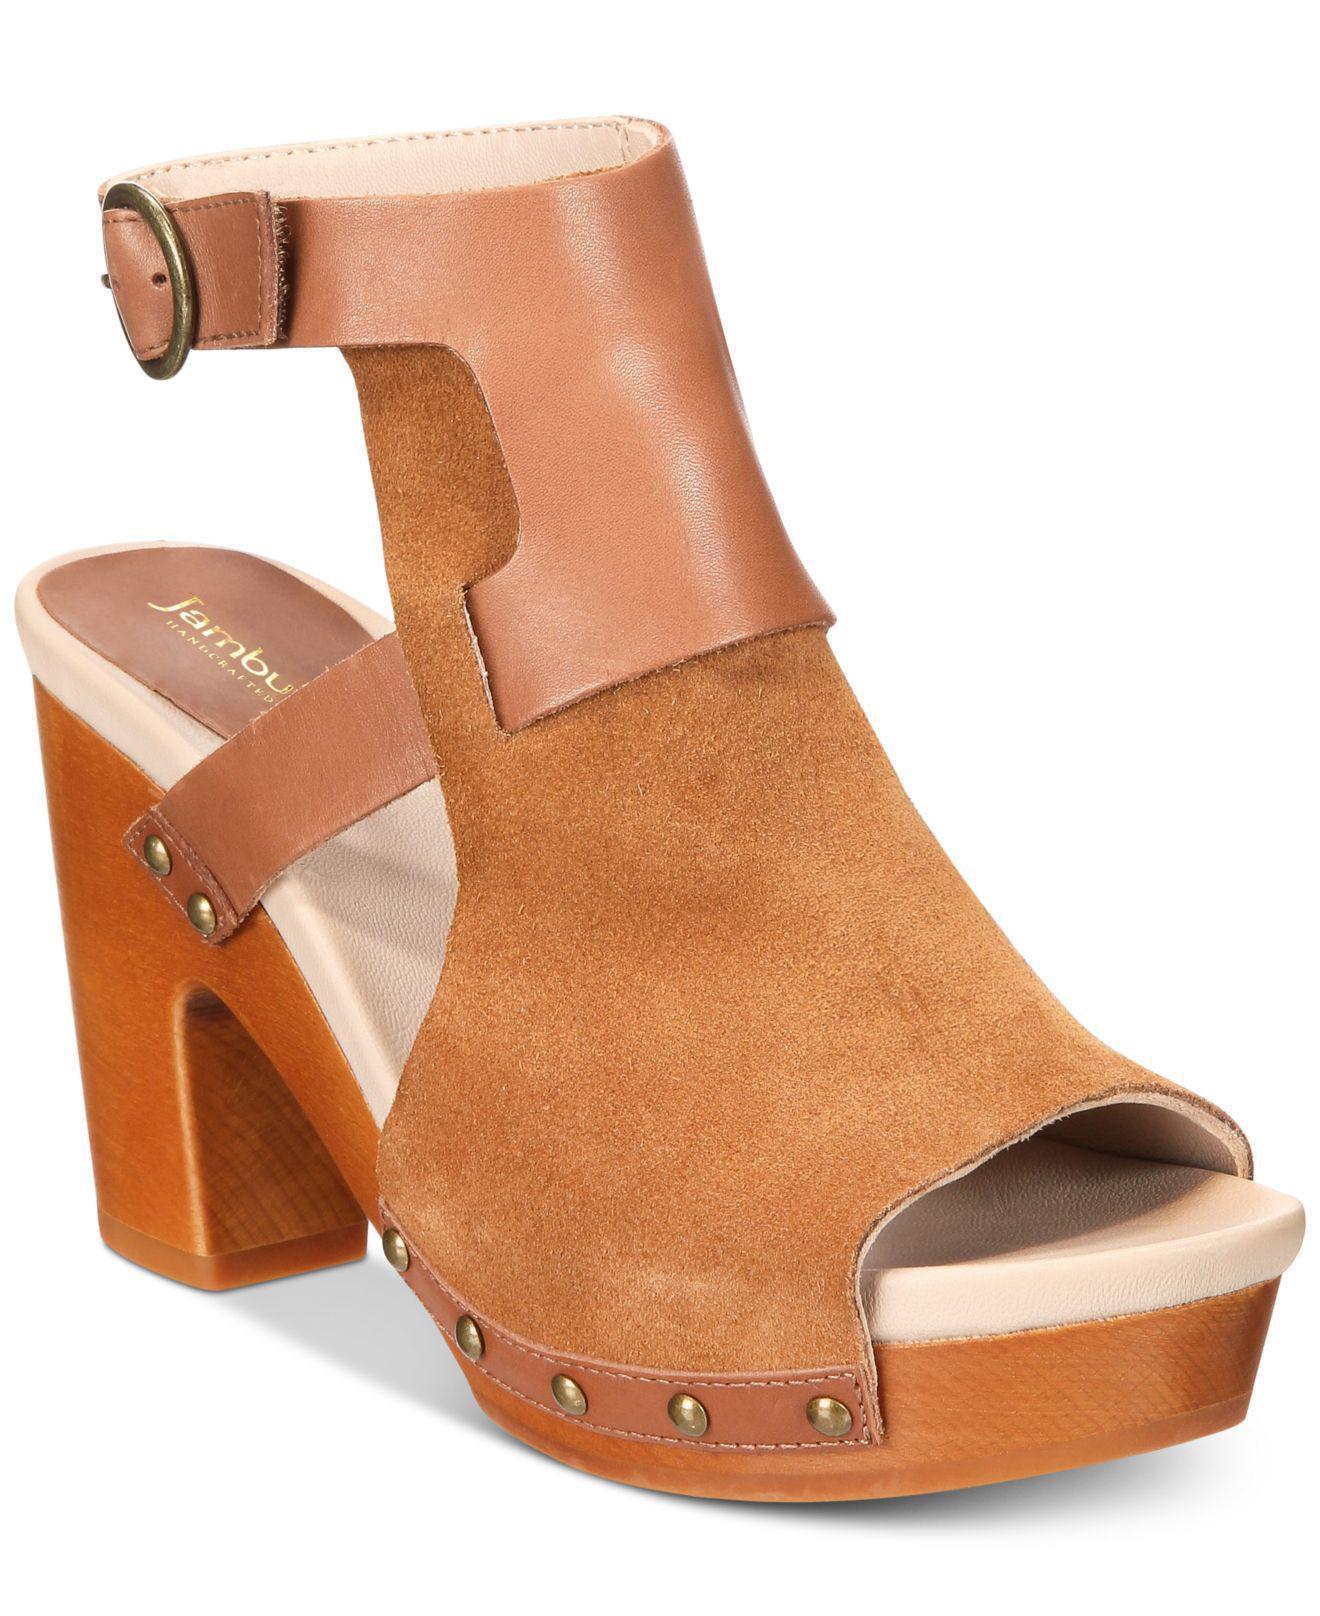 Jambu Gina Dress Sandals Women's Shoes 4icqaX0